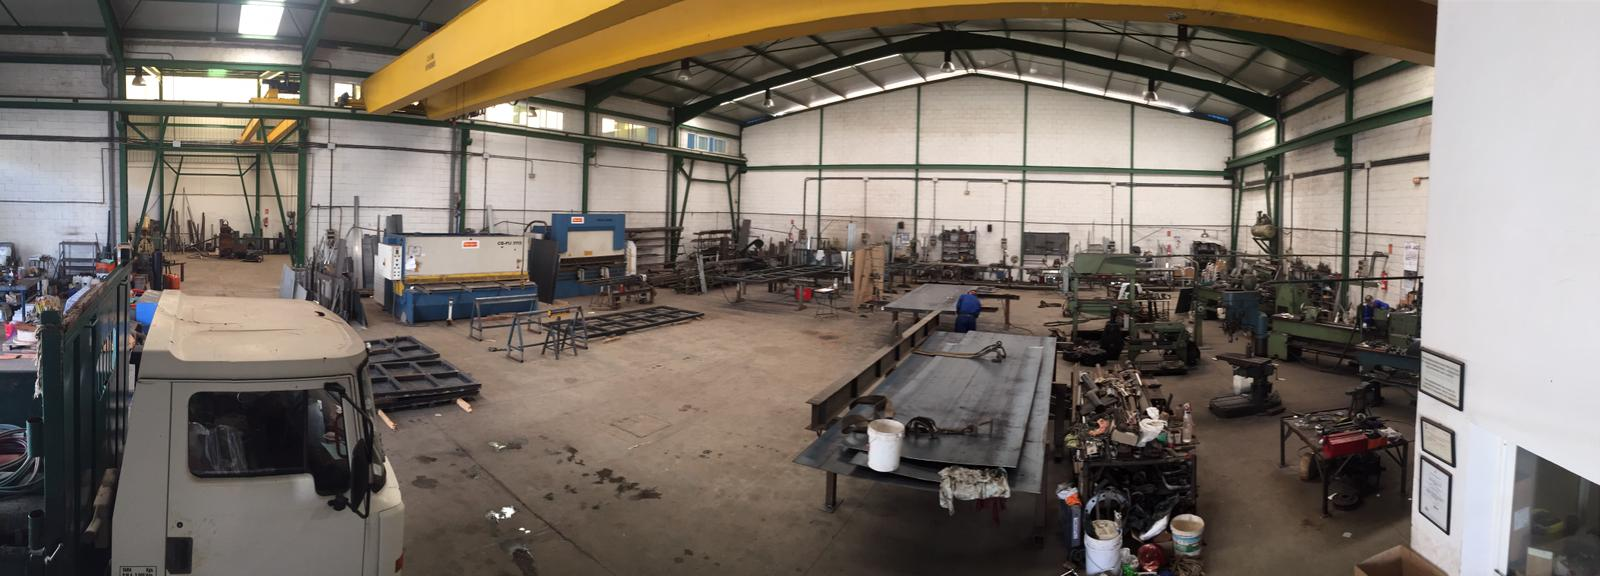 Instalaciones taller cerrajería soldadura